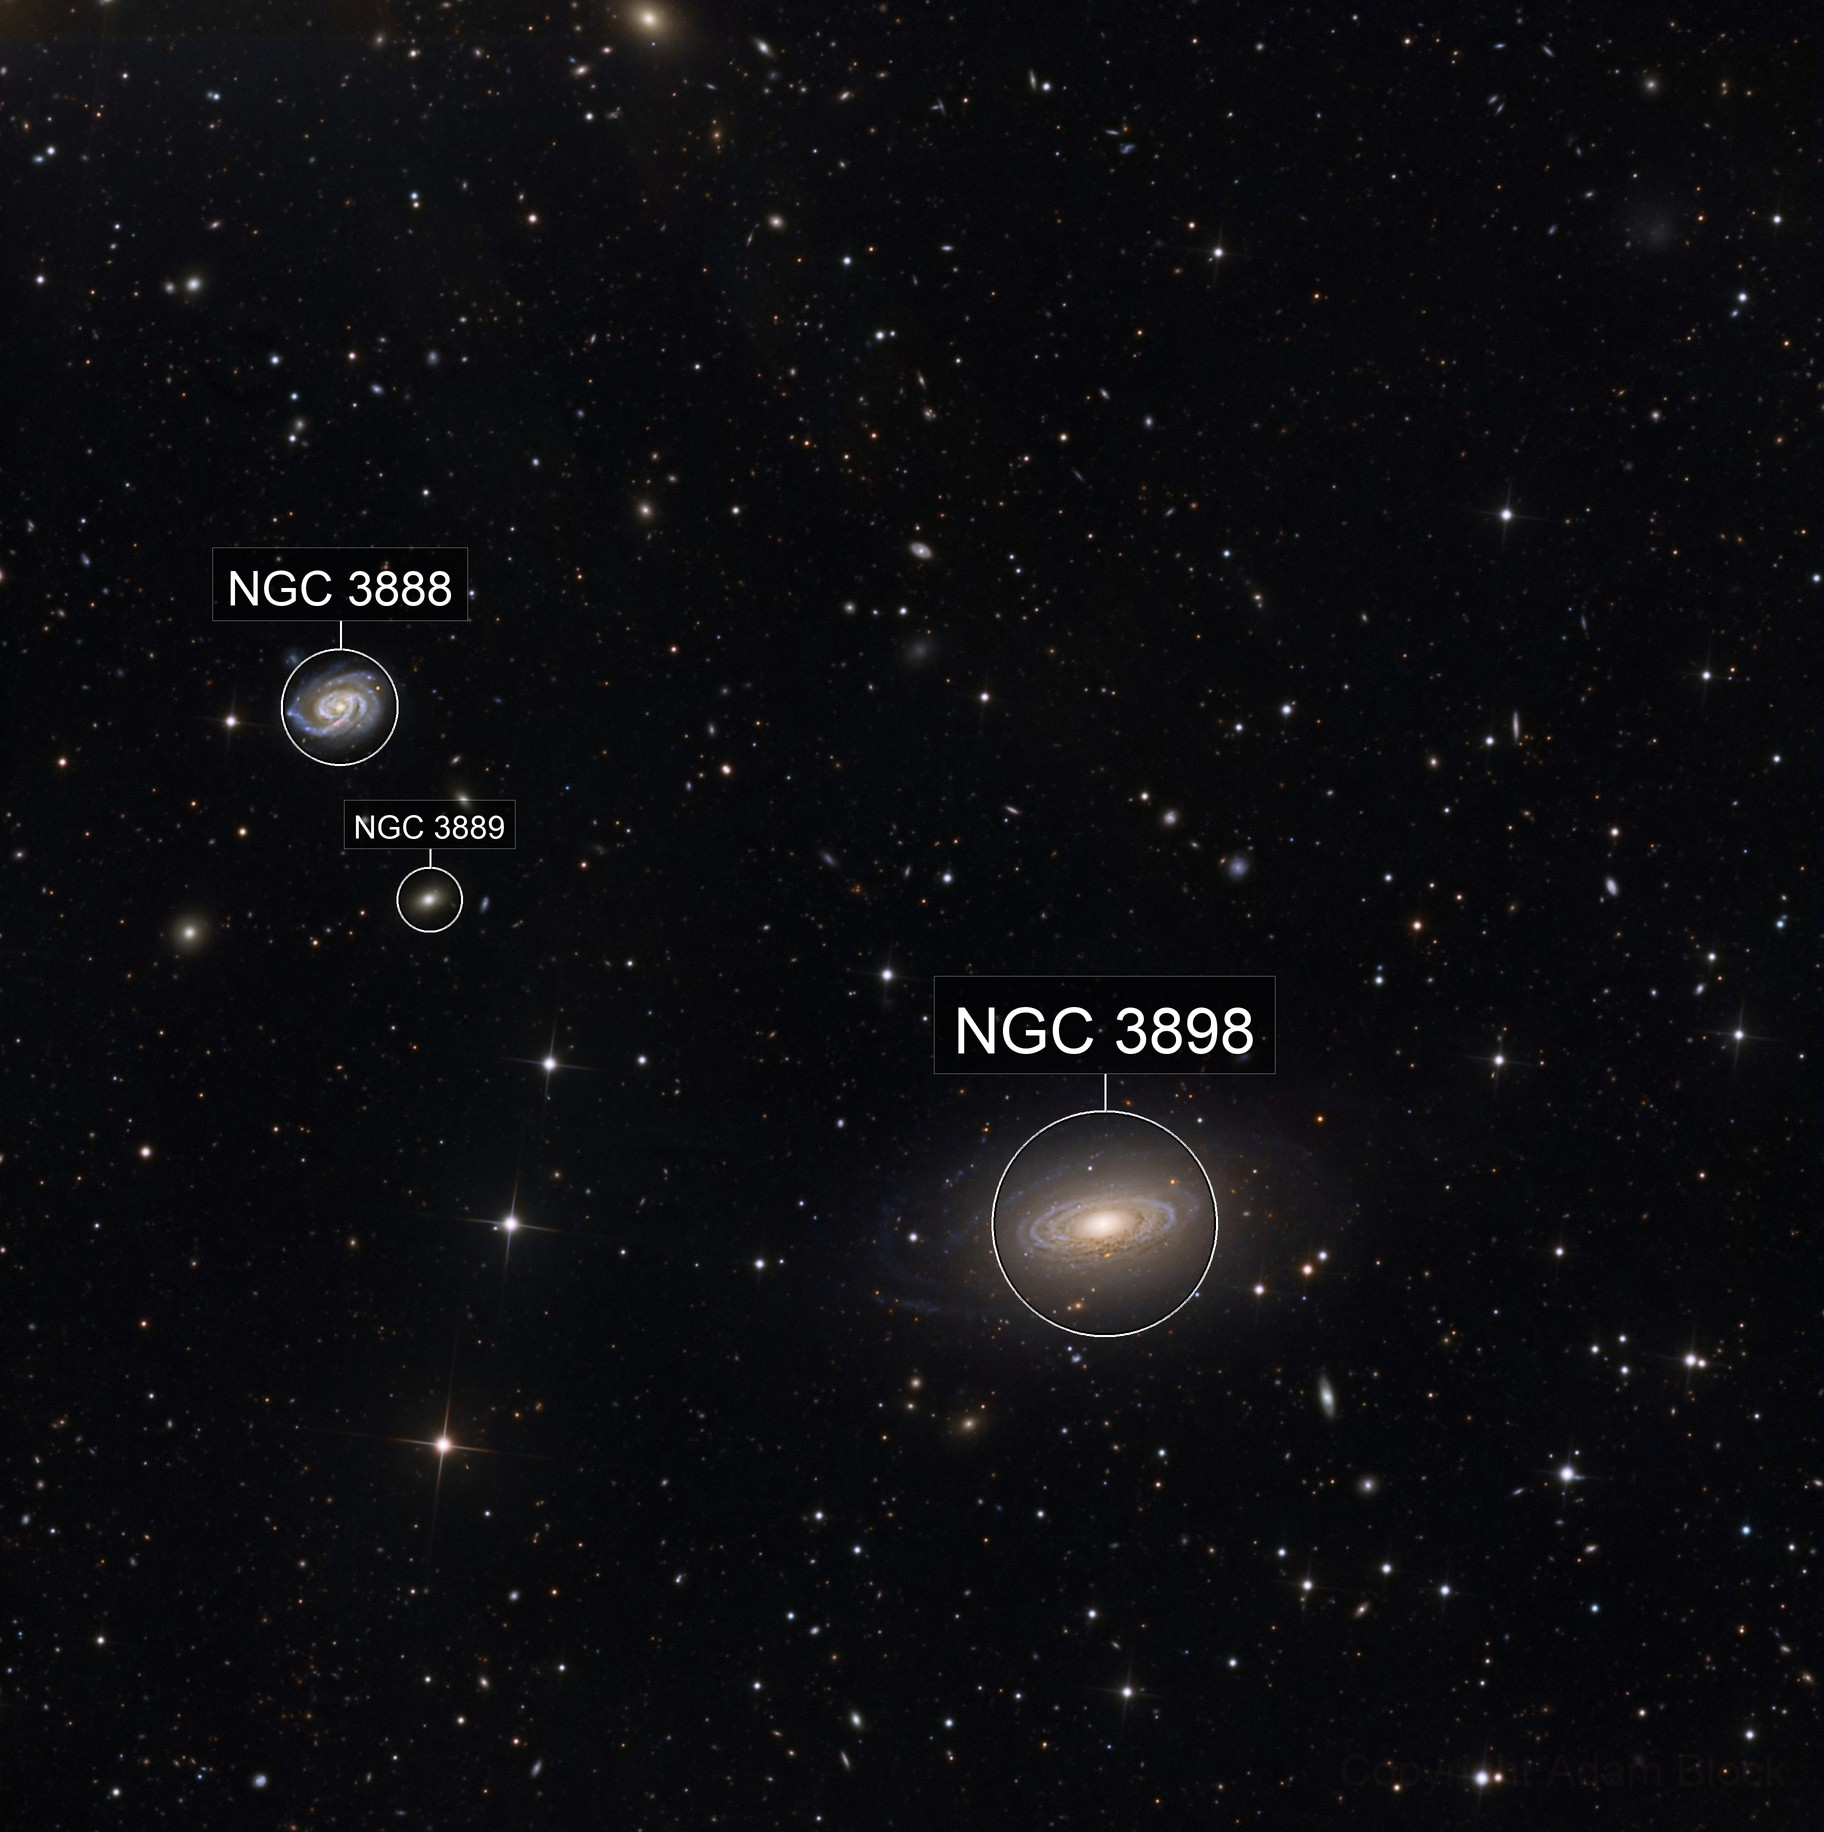 NGC 3898 and NGC 3888